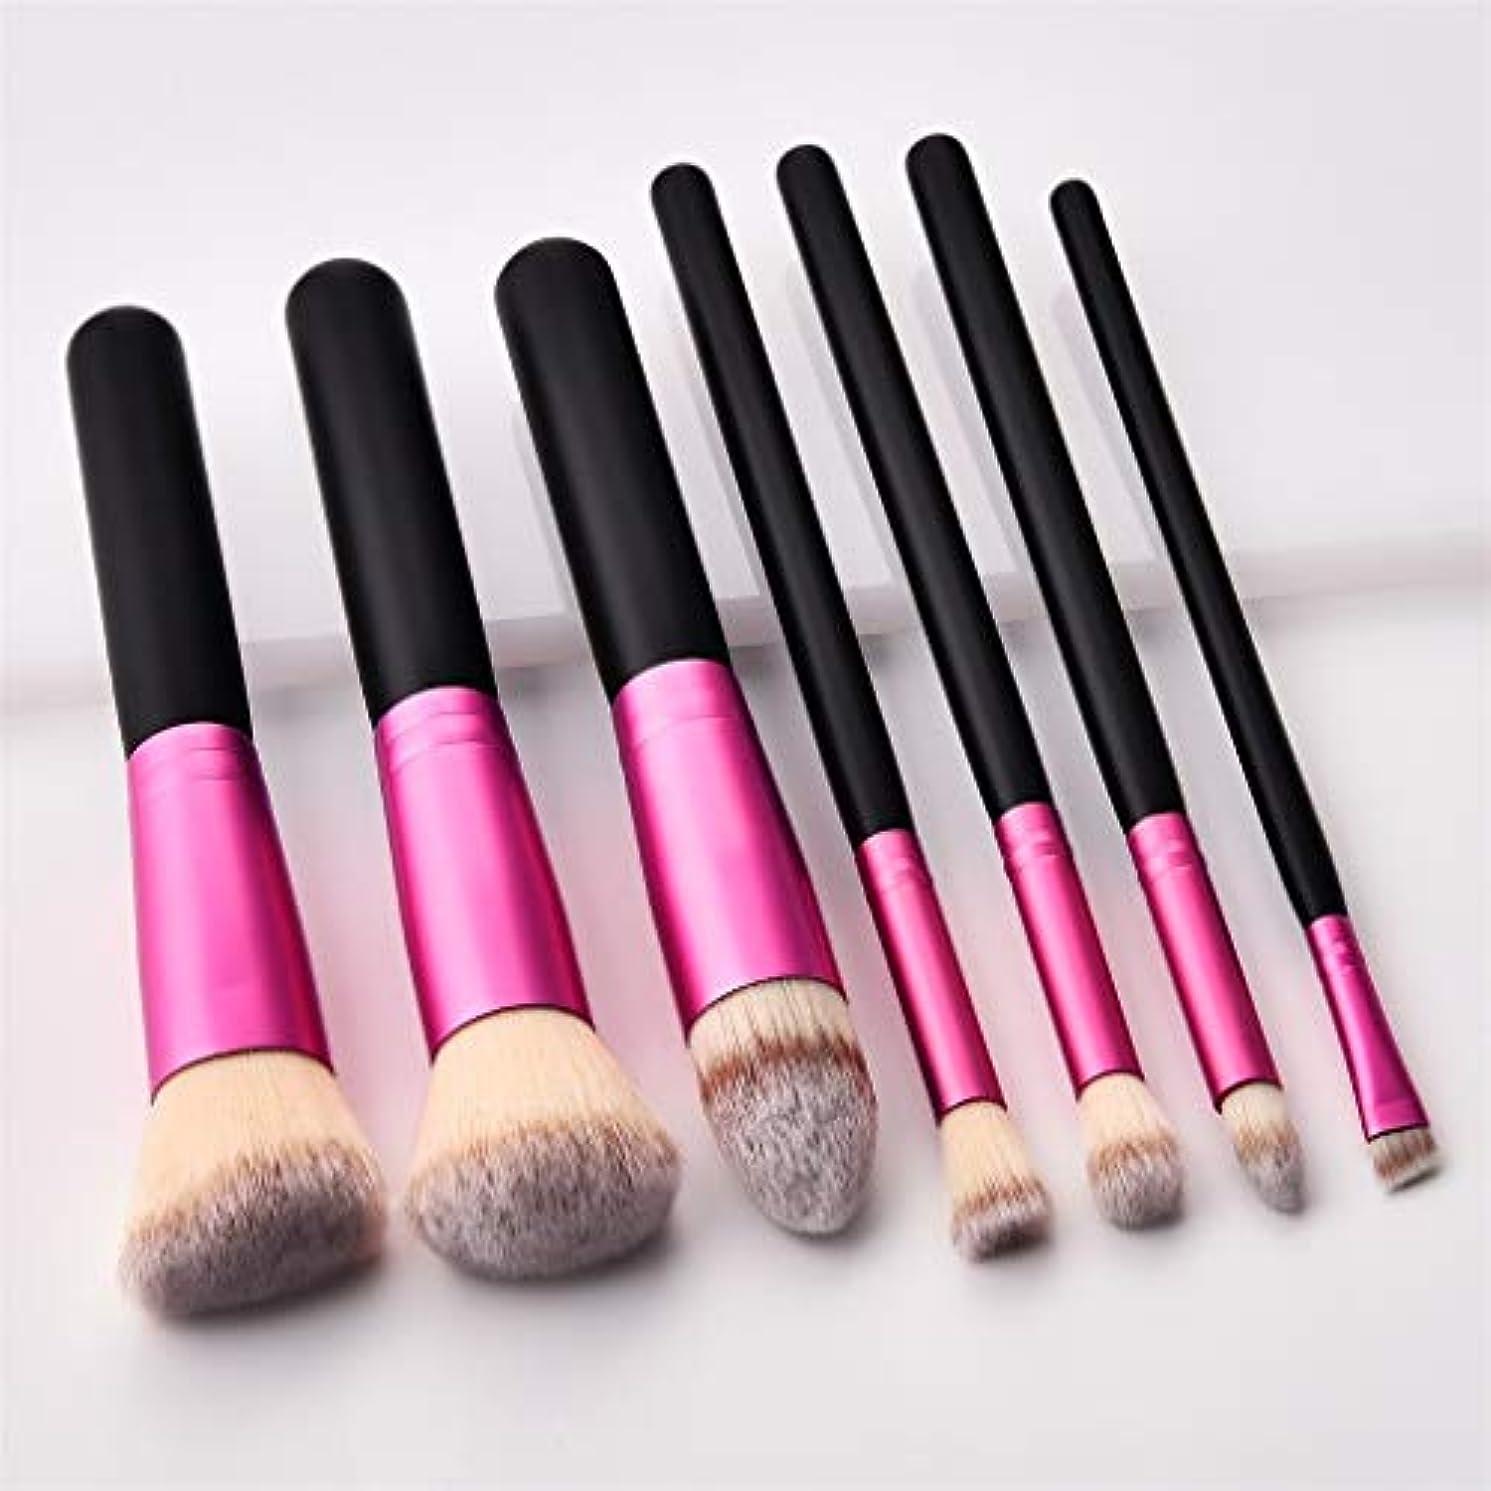 不確実遅らせる大気Akane 7本 GUJHUI 上等 優雅 ピンク 綺麗 美感 便利 高級 魅力的 柔らかい たっぷり 多機能 おしゃれ 激安 日常 仕事 Makeup Brush メイクアップブラシ T-07-060